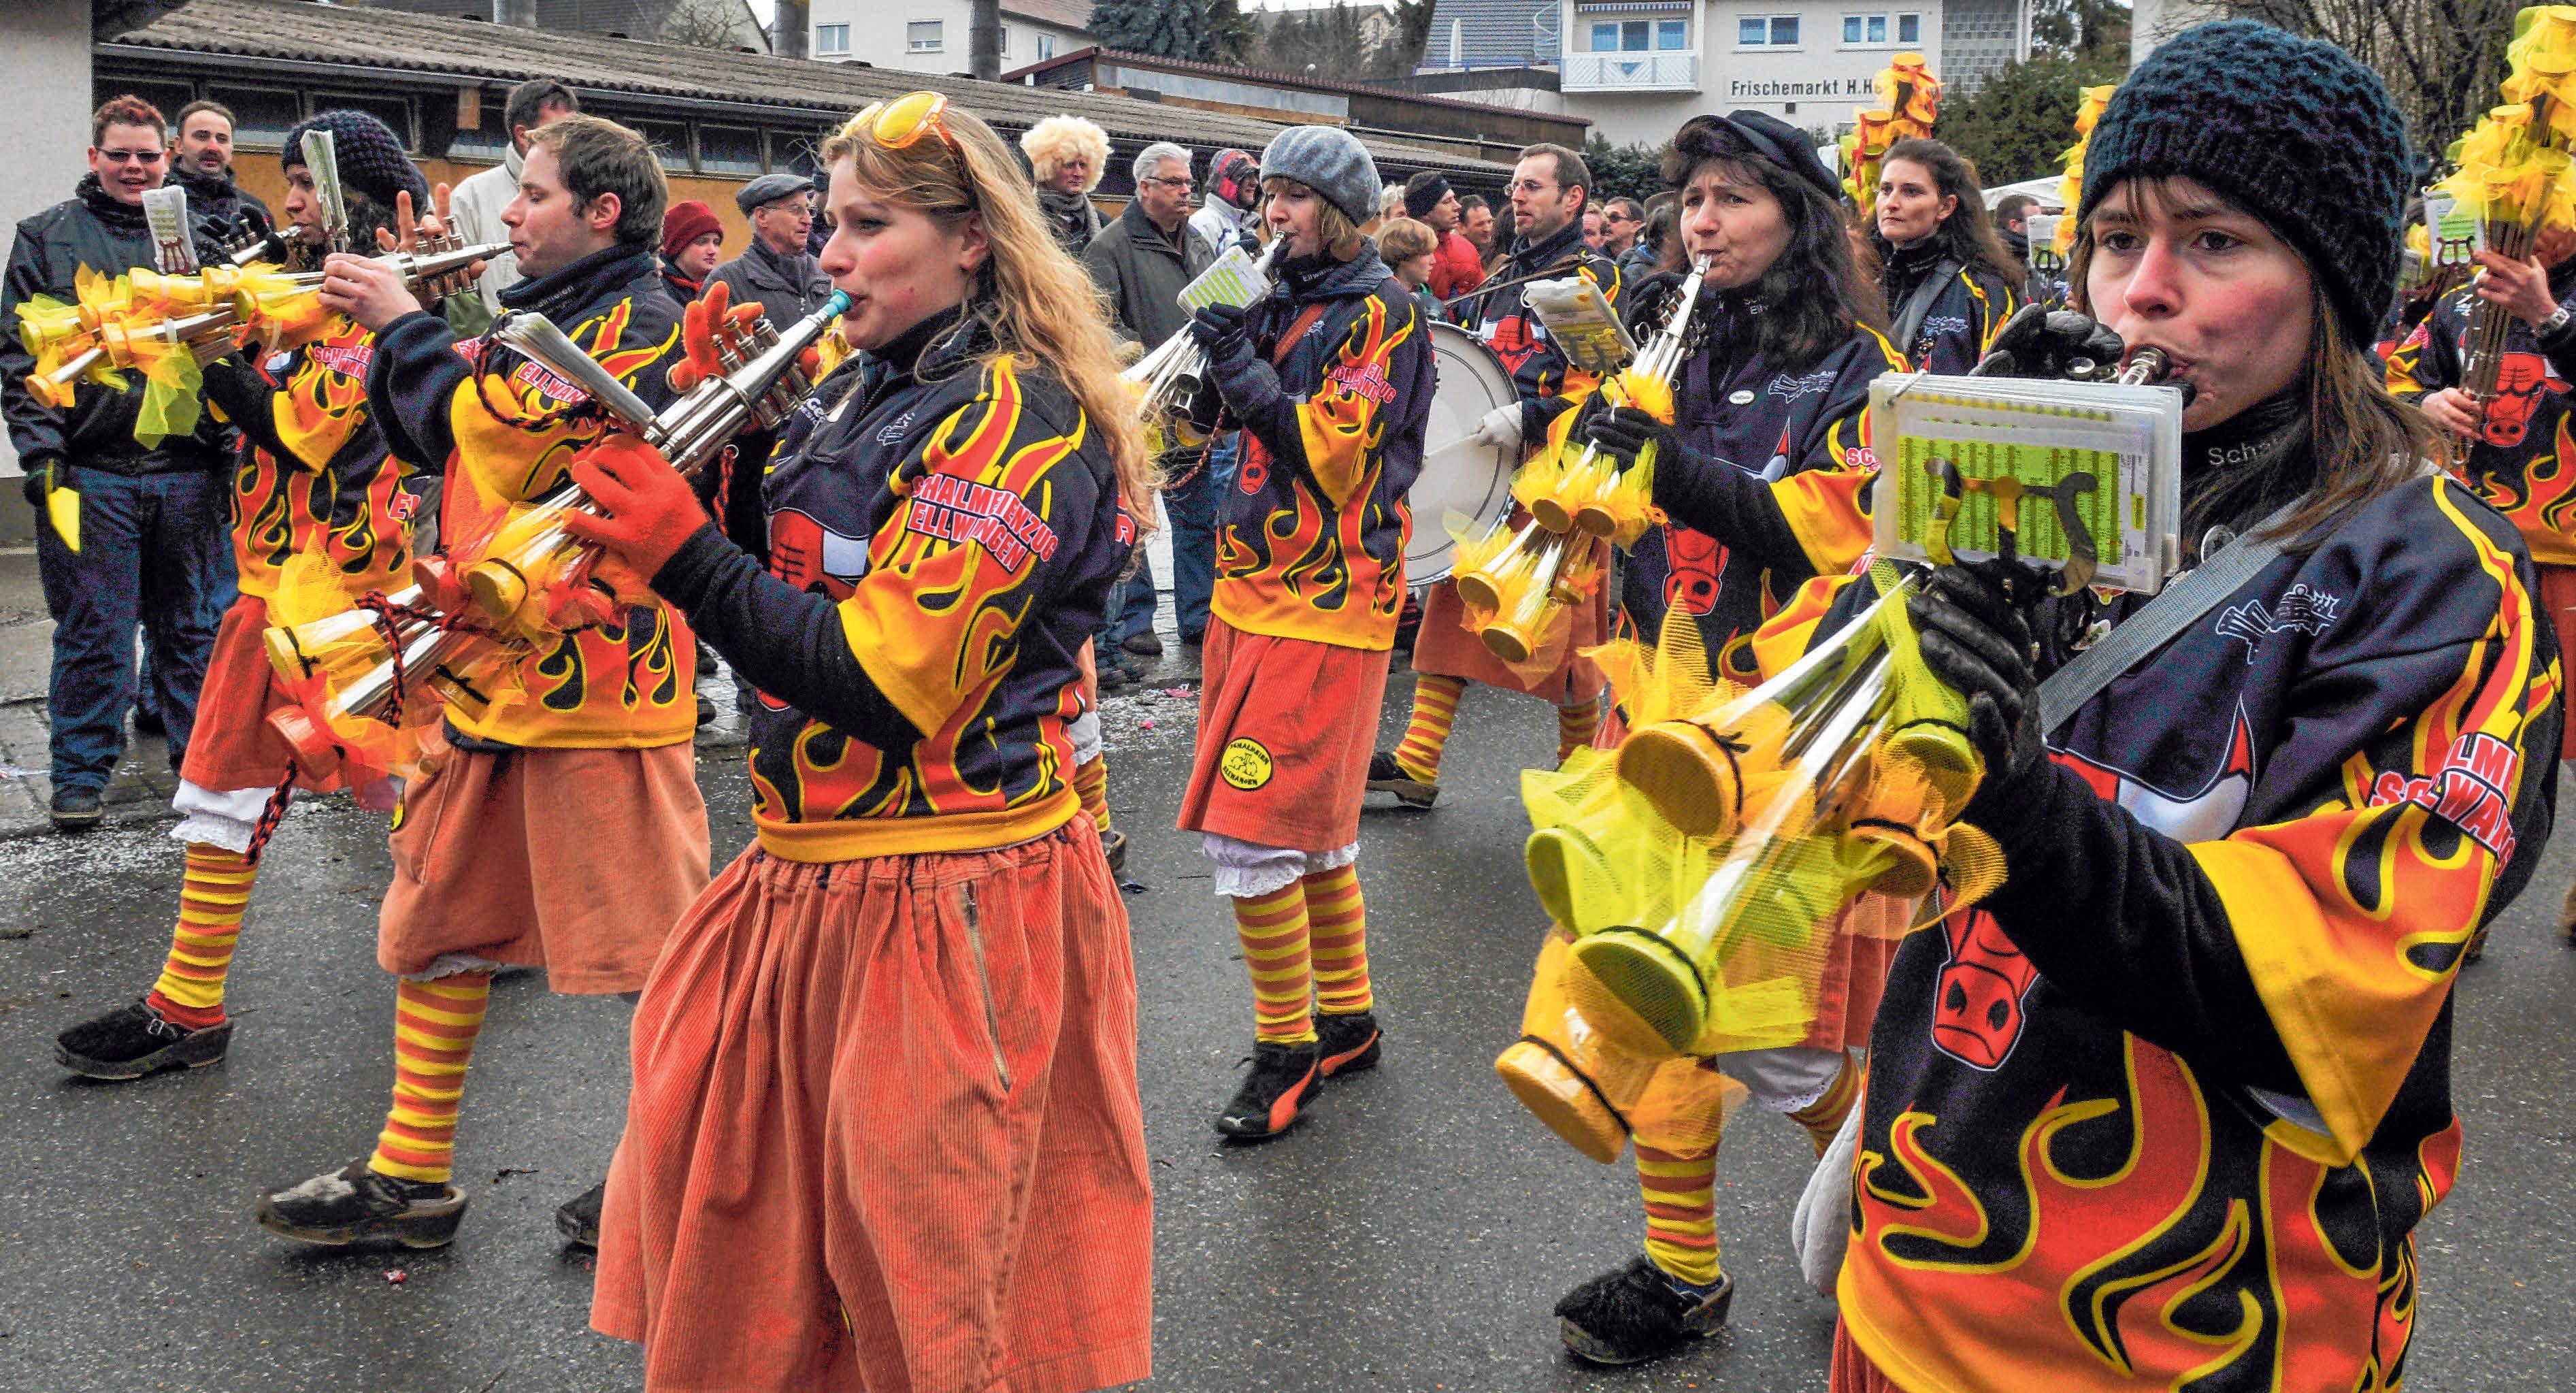 Beim Umzug in Ellwangen geht es lustig zu. Die Schalmeien und die Bawaldbohle freuen sich auf zahlreiche Besucher. FOTO: GEORG KLIEBHAN